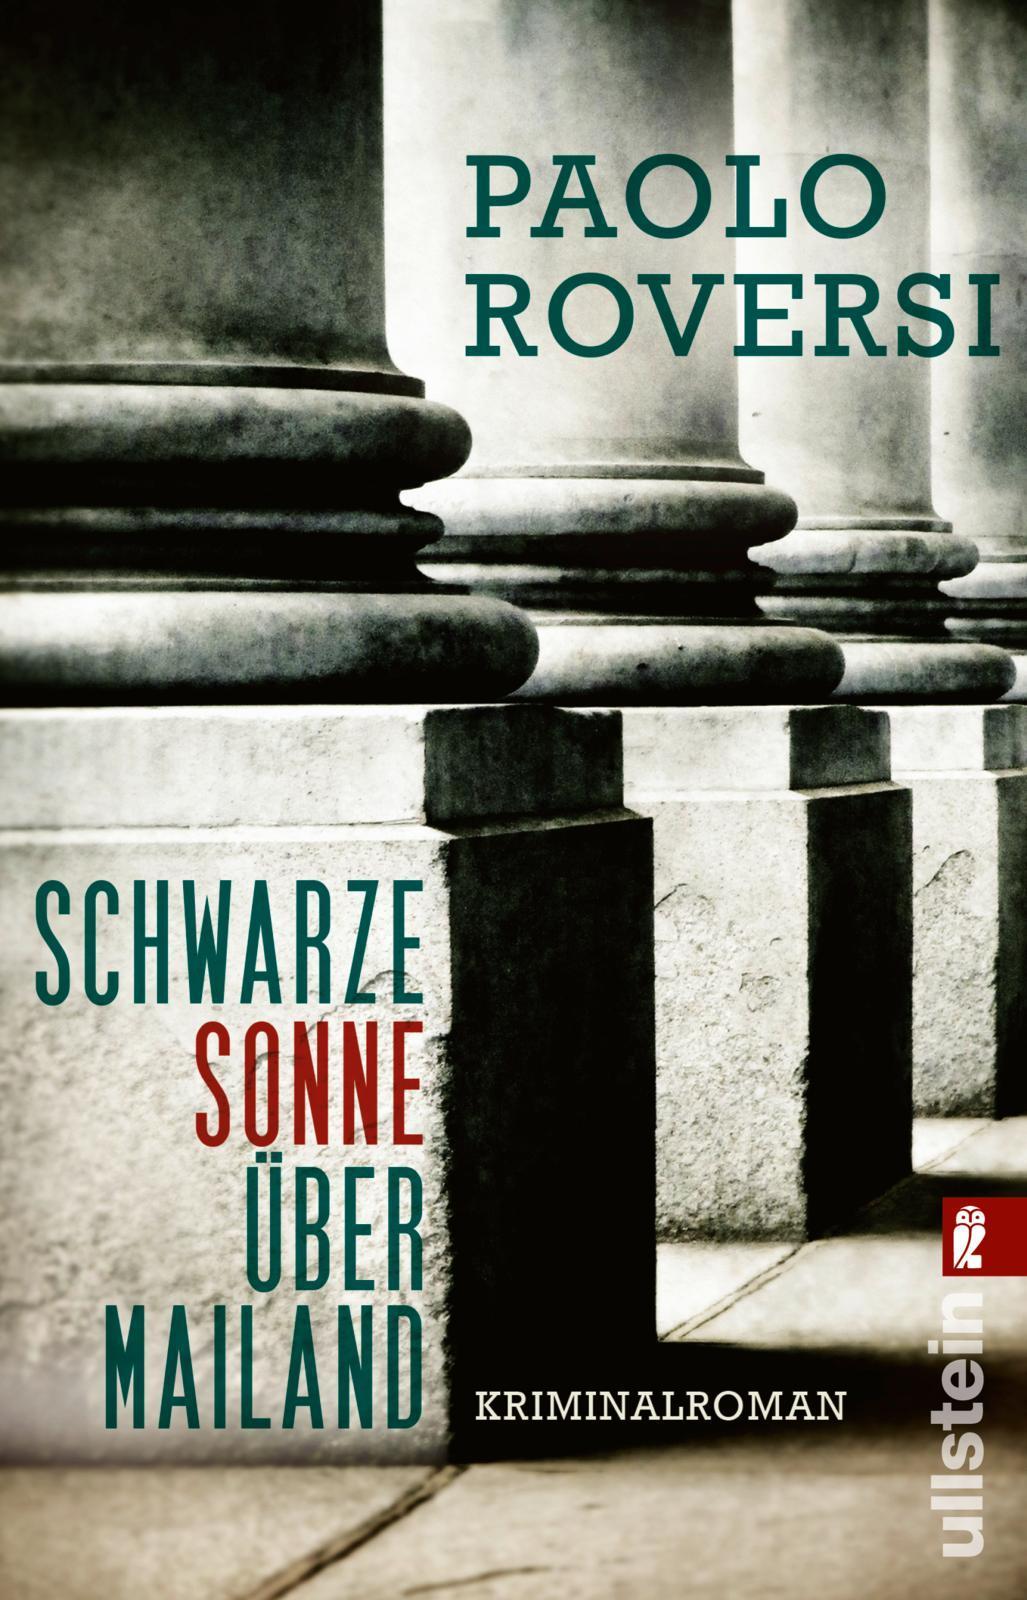 Paolo Roversi ~ Schwarze Sonne über Mailand: Kriminalroman 9783548286624